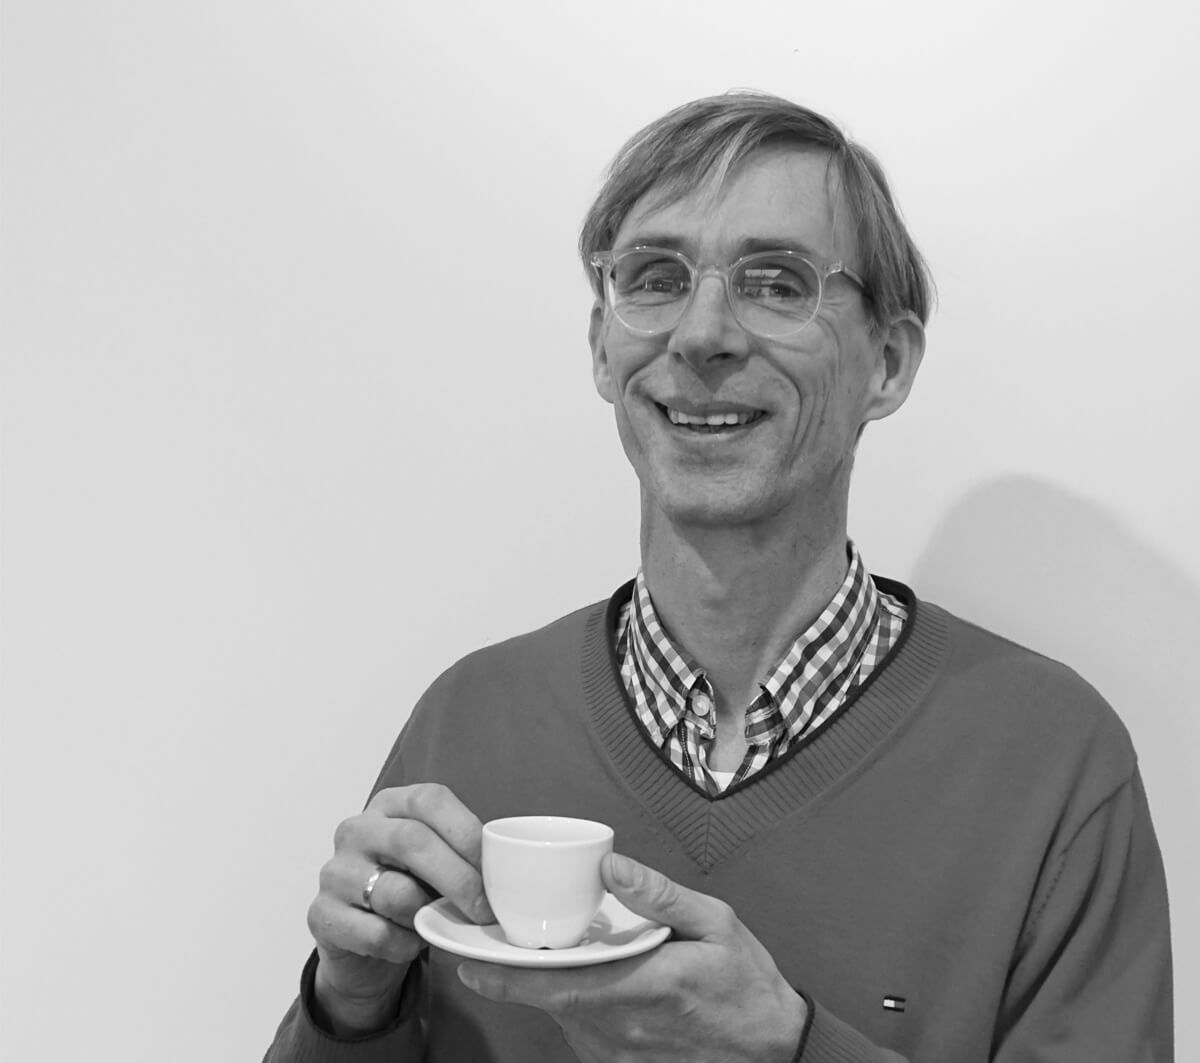 Portret Michiel FromAtoB